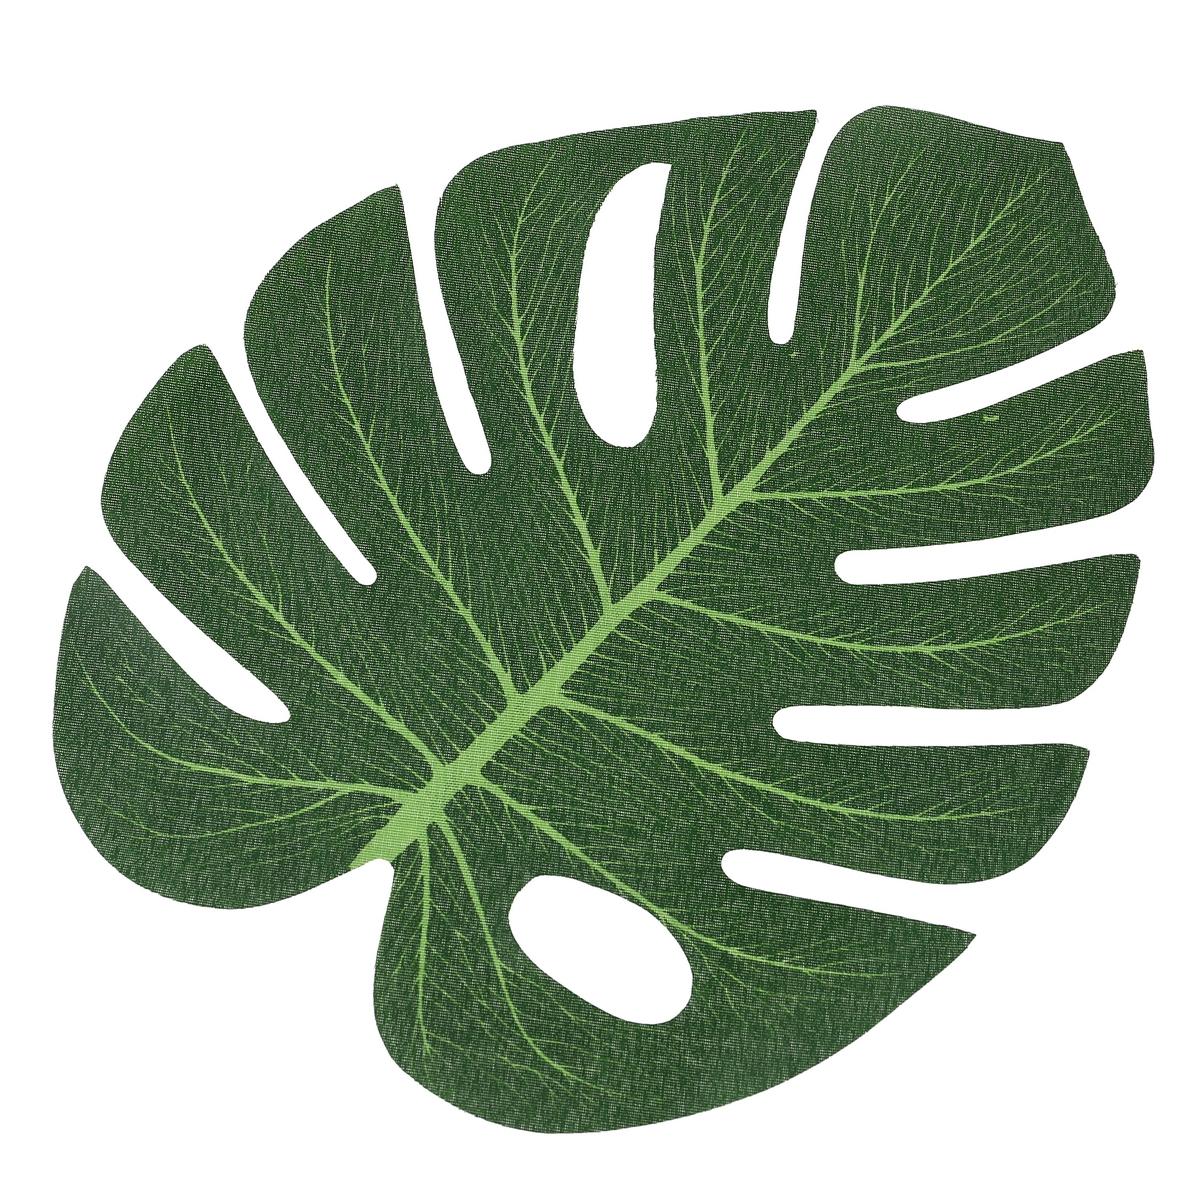 עלים טרופיים ירוקים לעיצוב וכפלייסמנט